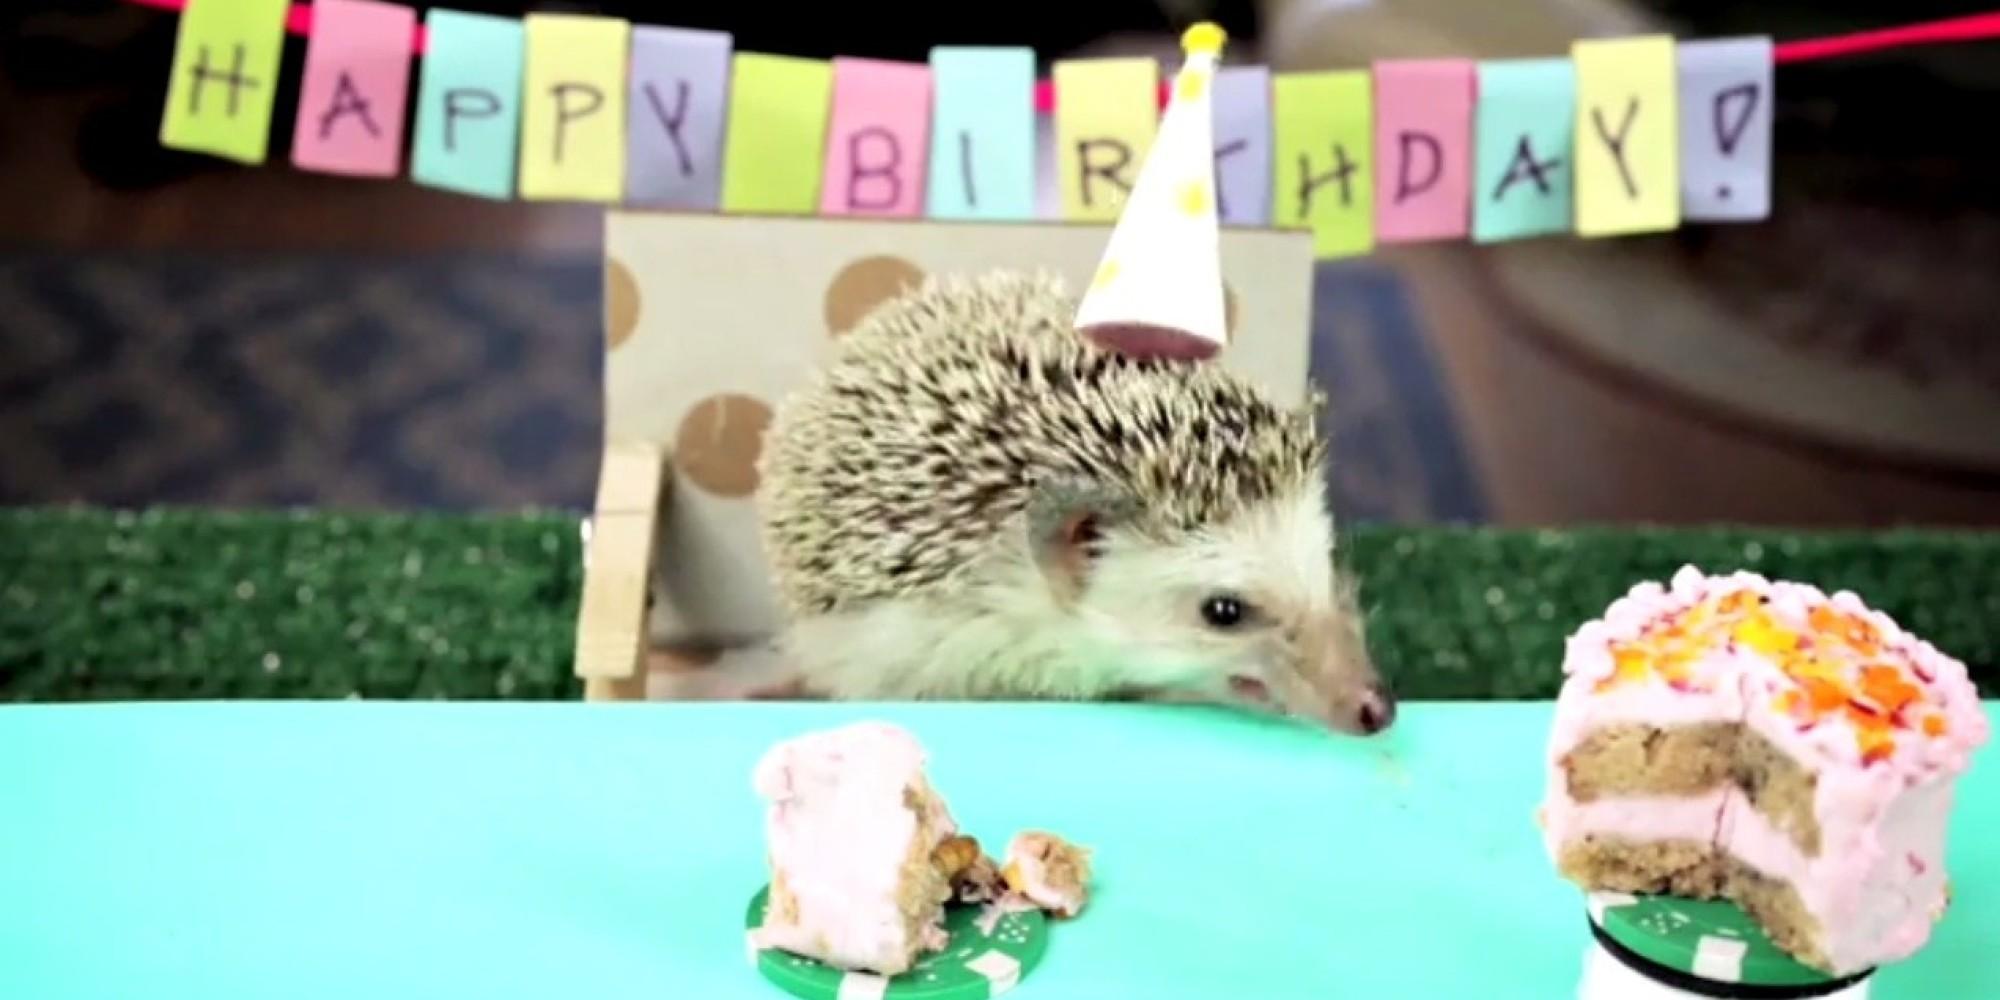 Поздравление с днем рождения, Ёжик и Ромашки День рождения 26